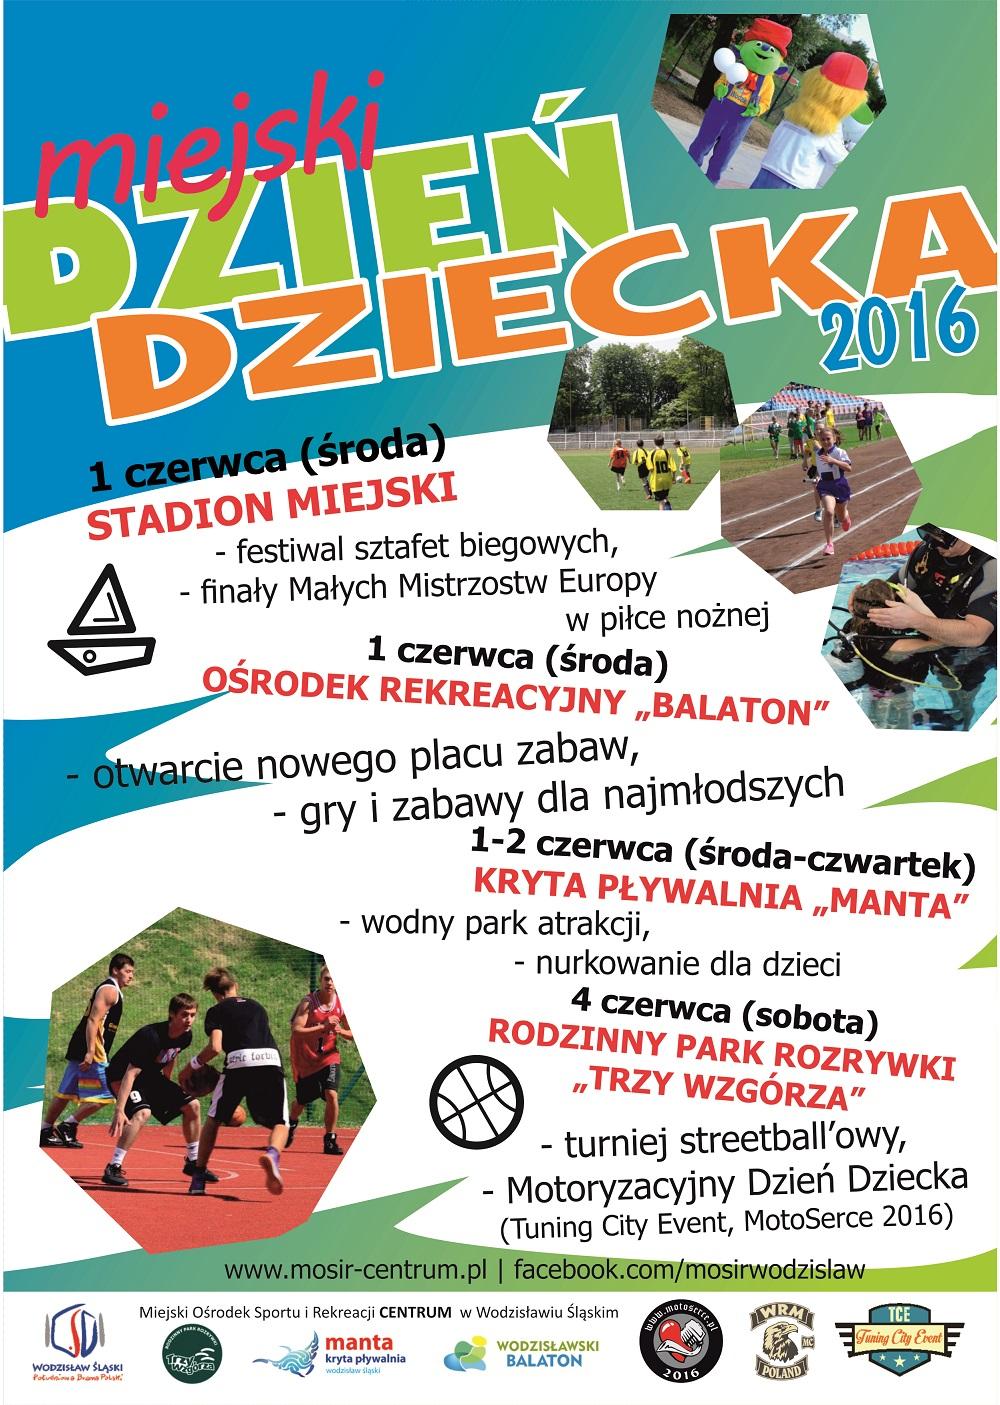 Plakat promujący Miejski Dzień Dziecka w Wodzisławiu Śląskim